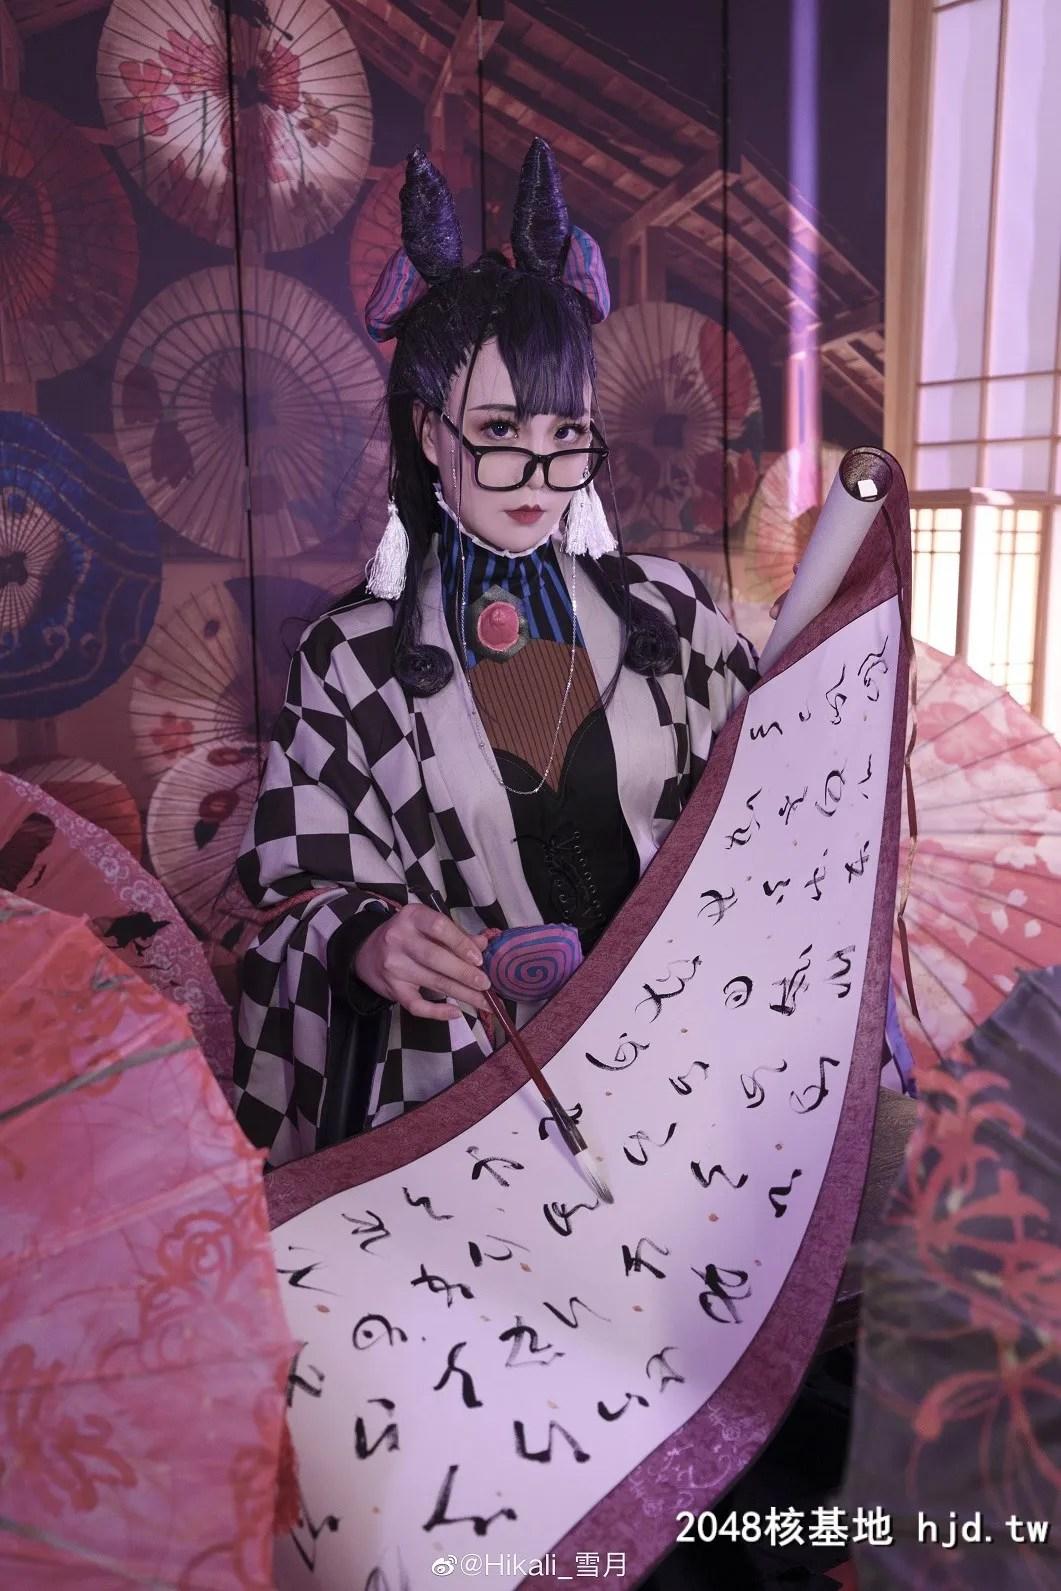 Fate/GrandOrder紫式部@Hikali_雪月 (10P)插图(5)